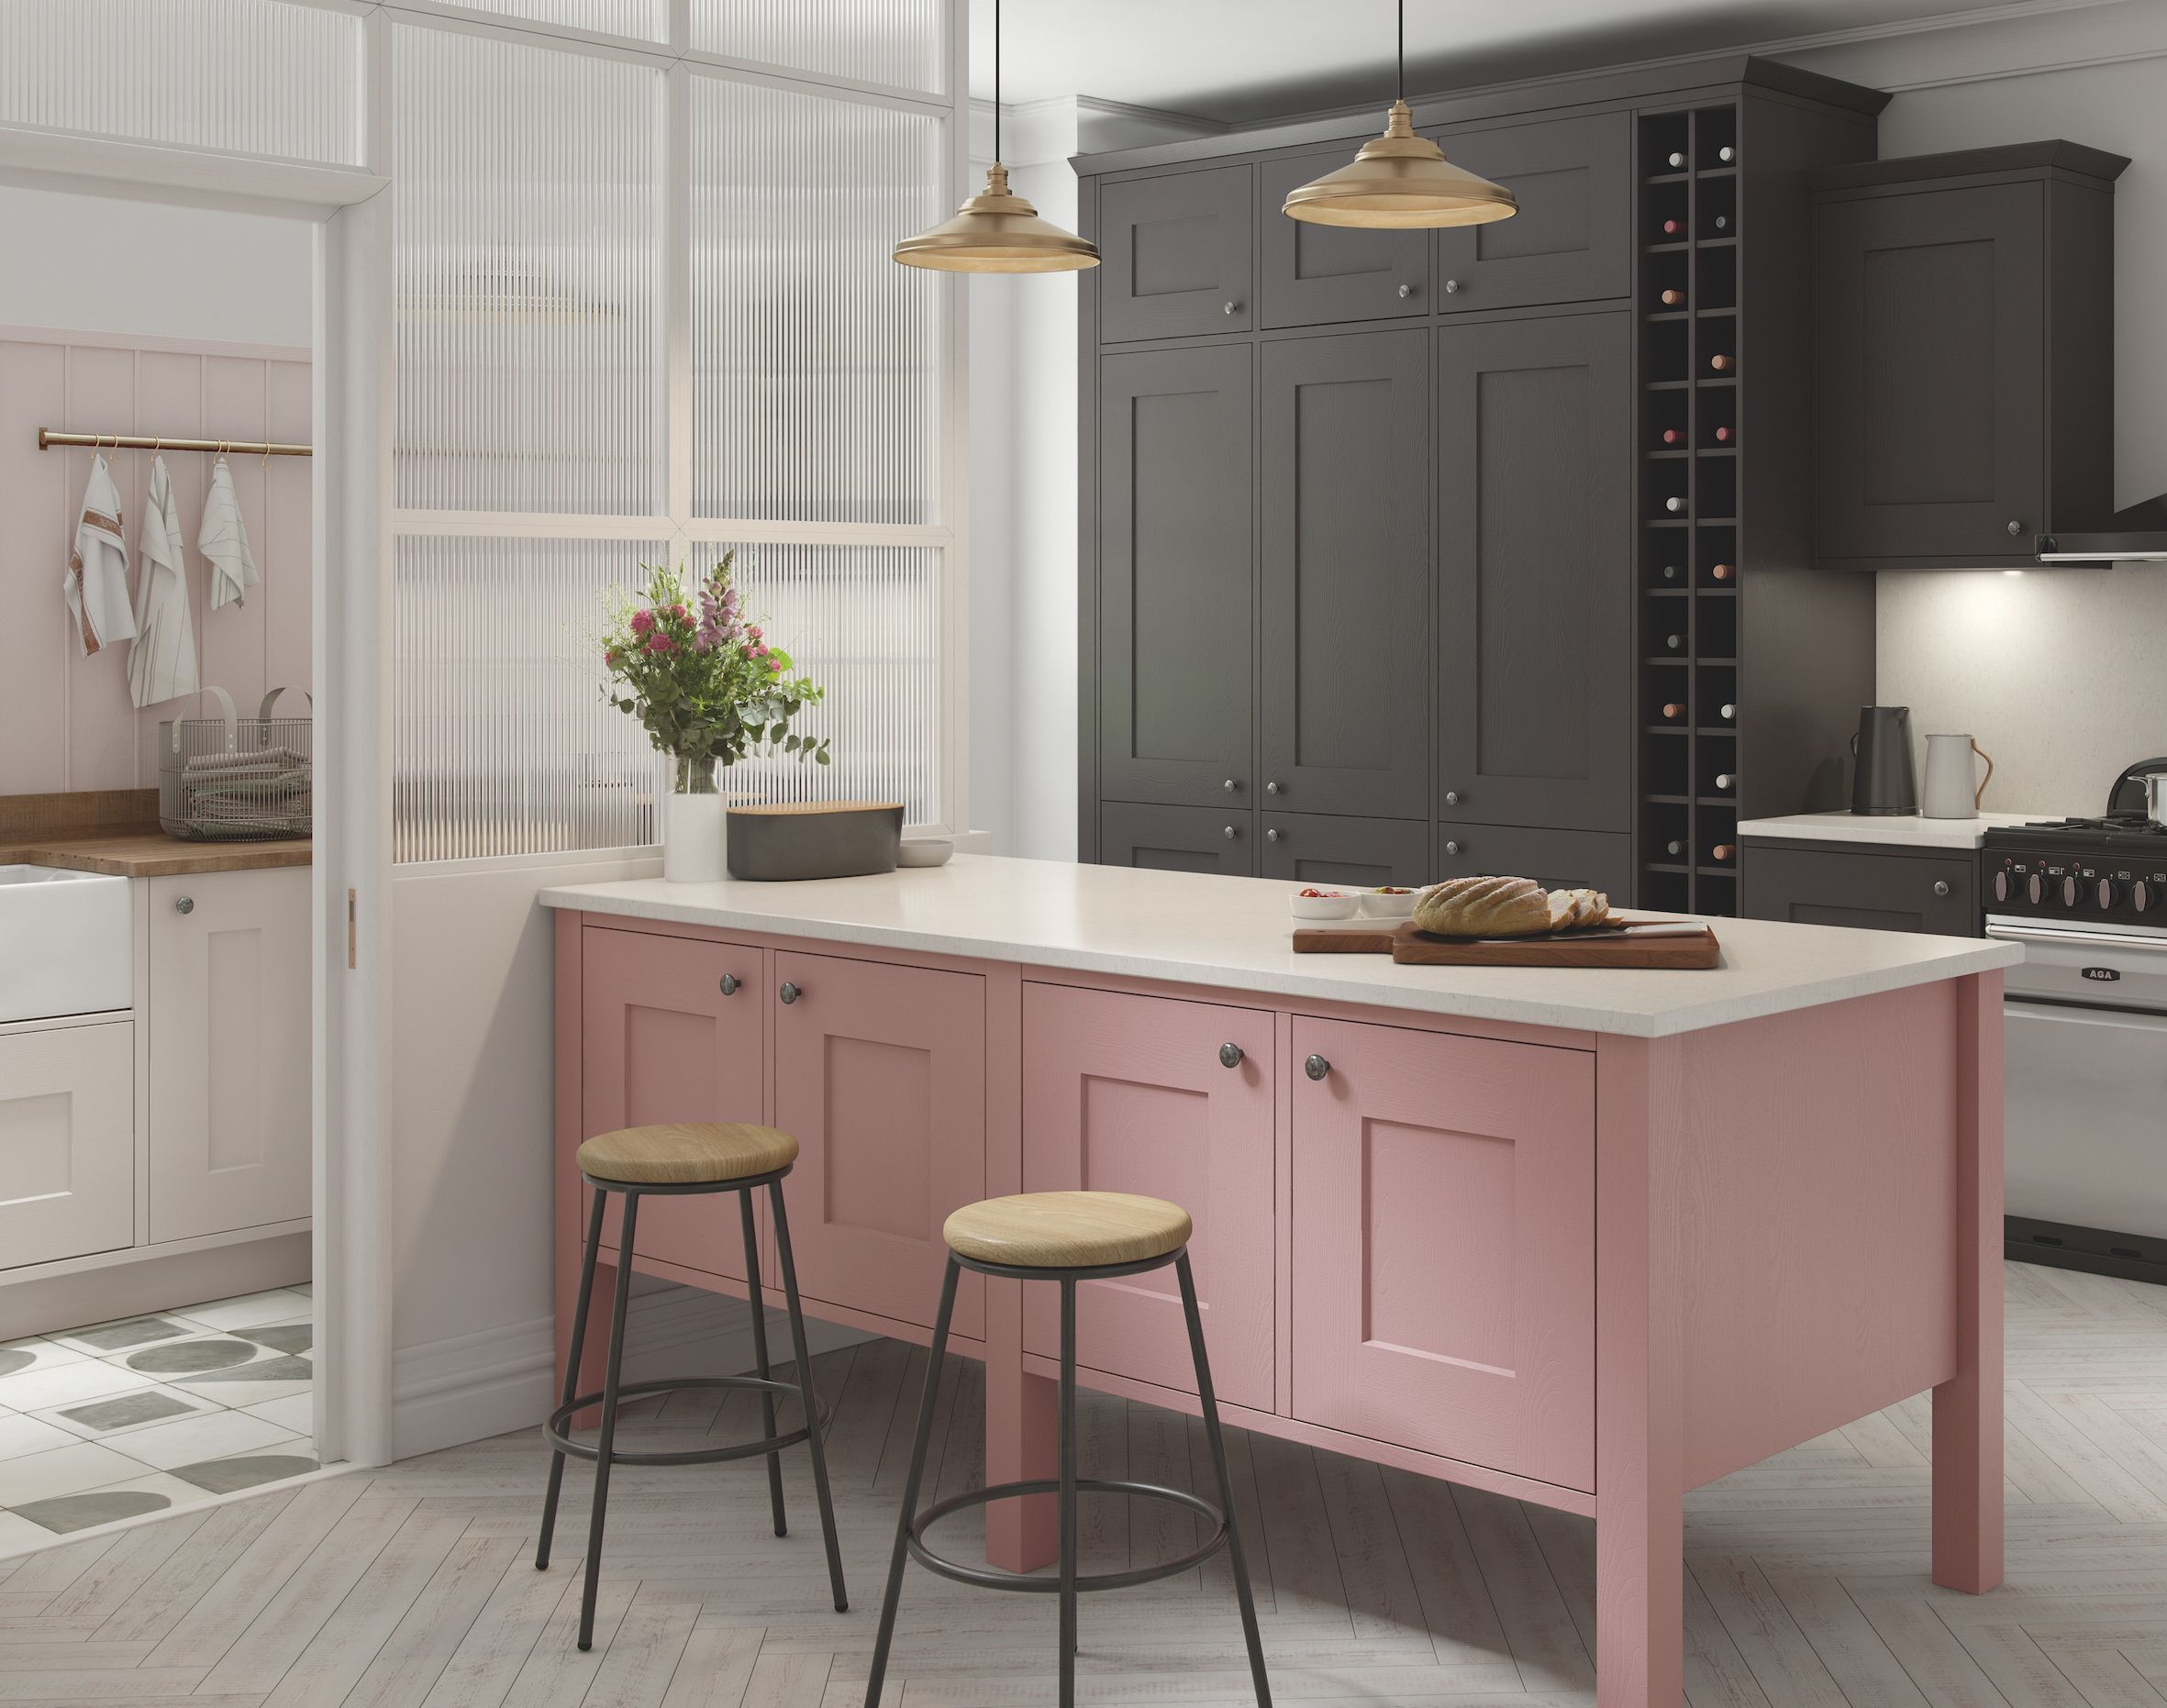 pink kitchen cabinet in a modern kitchen kitchen style pink kitchen pink kitchen cabinets on kitchen decor pink id=93322